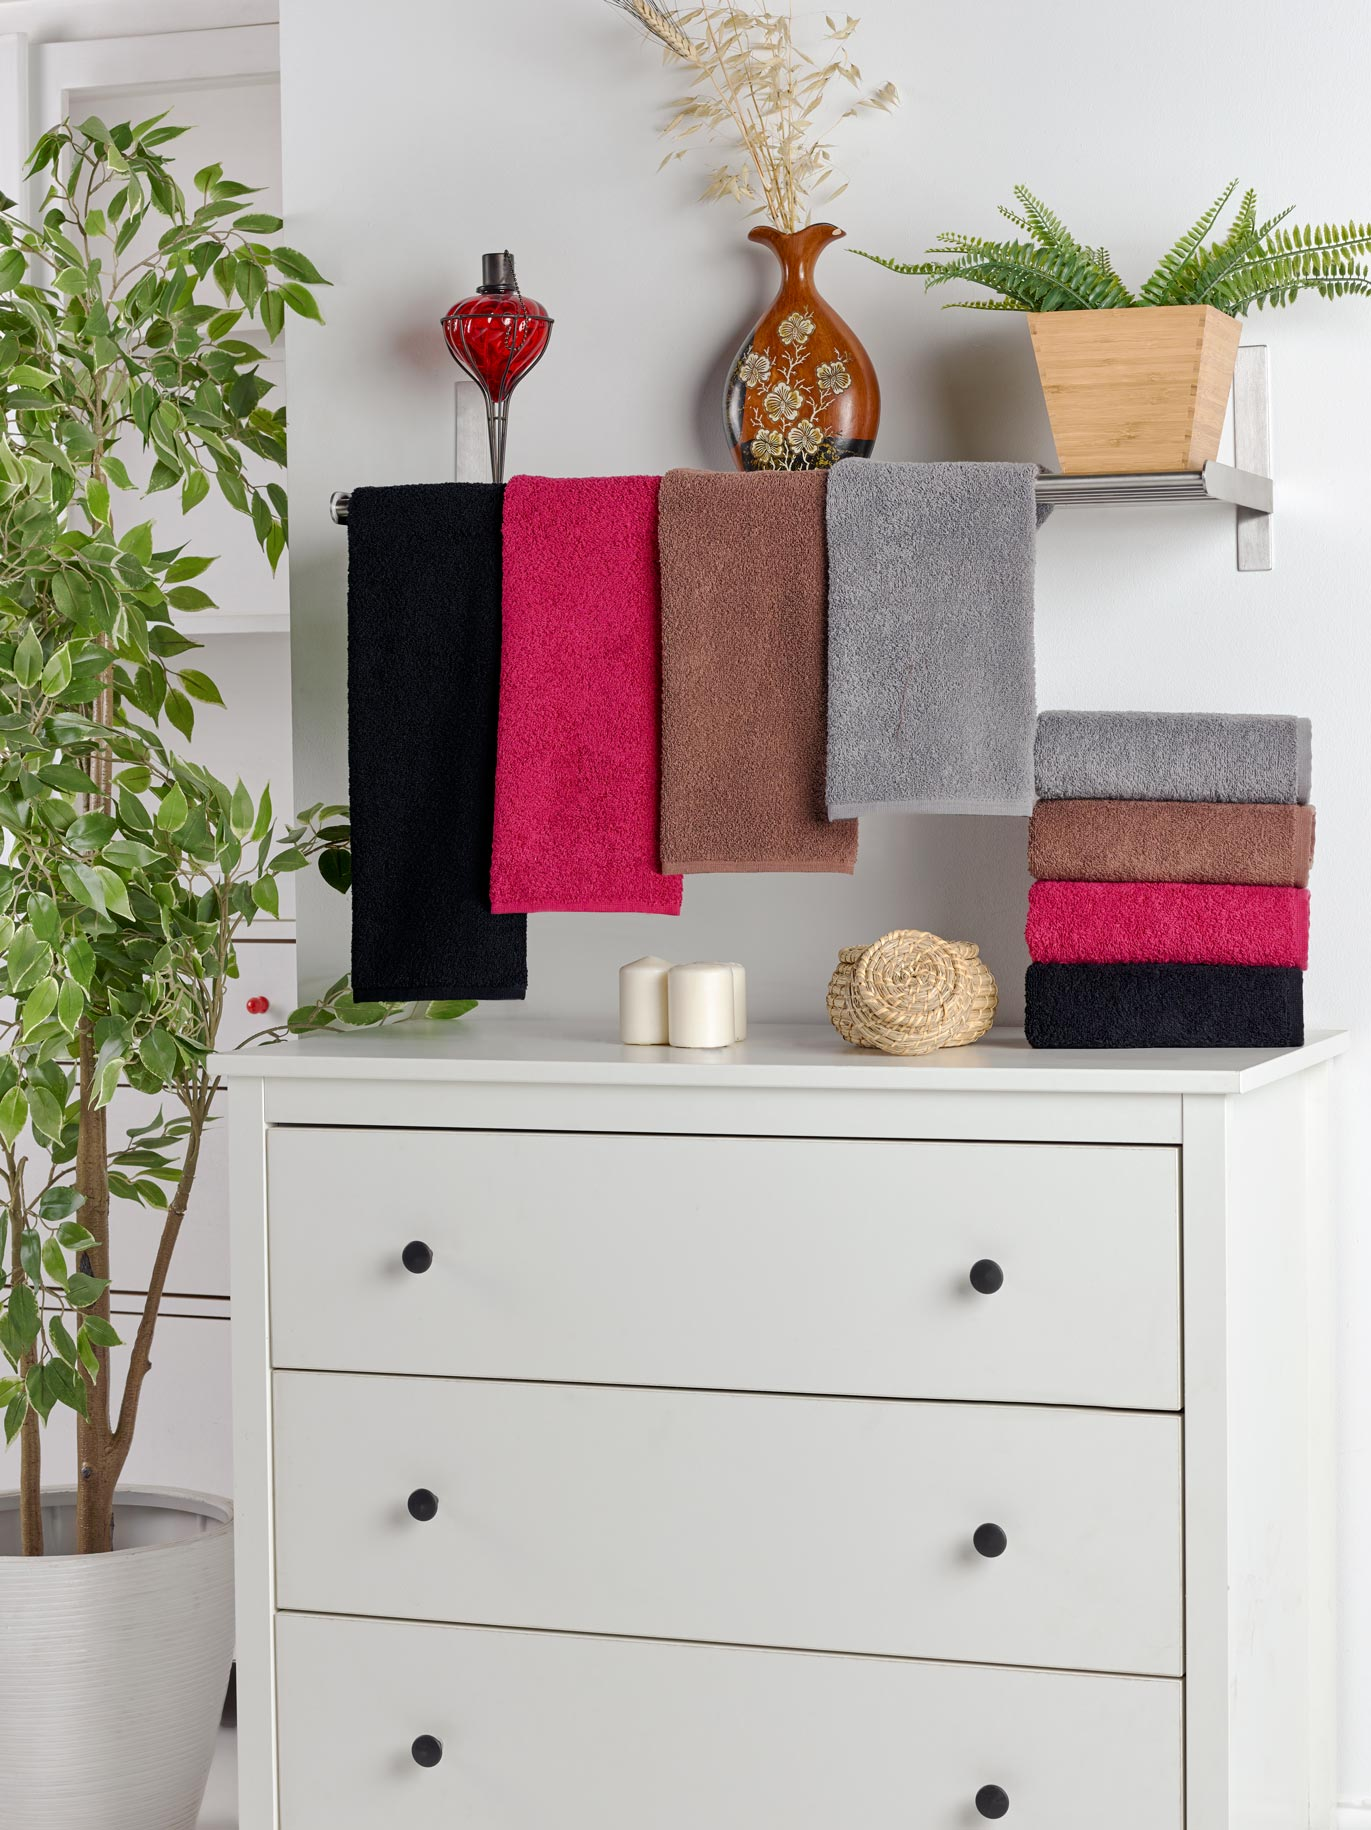 10er Pack Handtücher Standard reaktiv 100% Baumwolle 50 x 90 cm